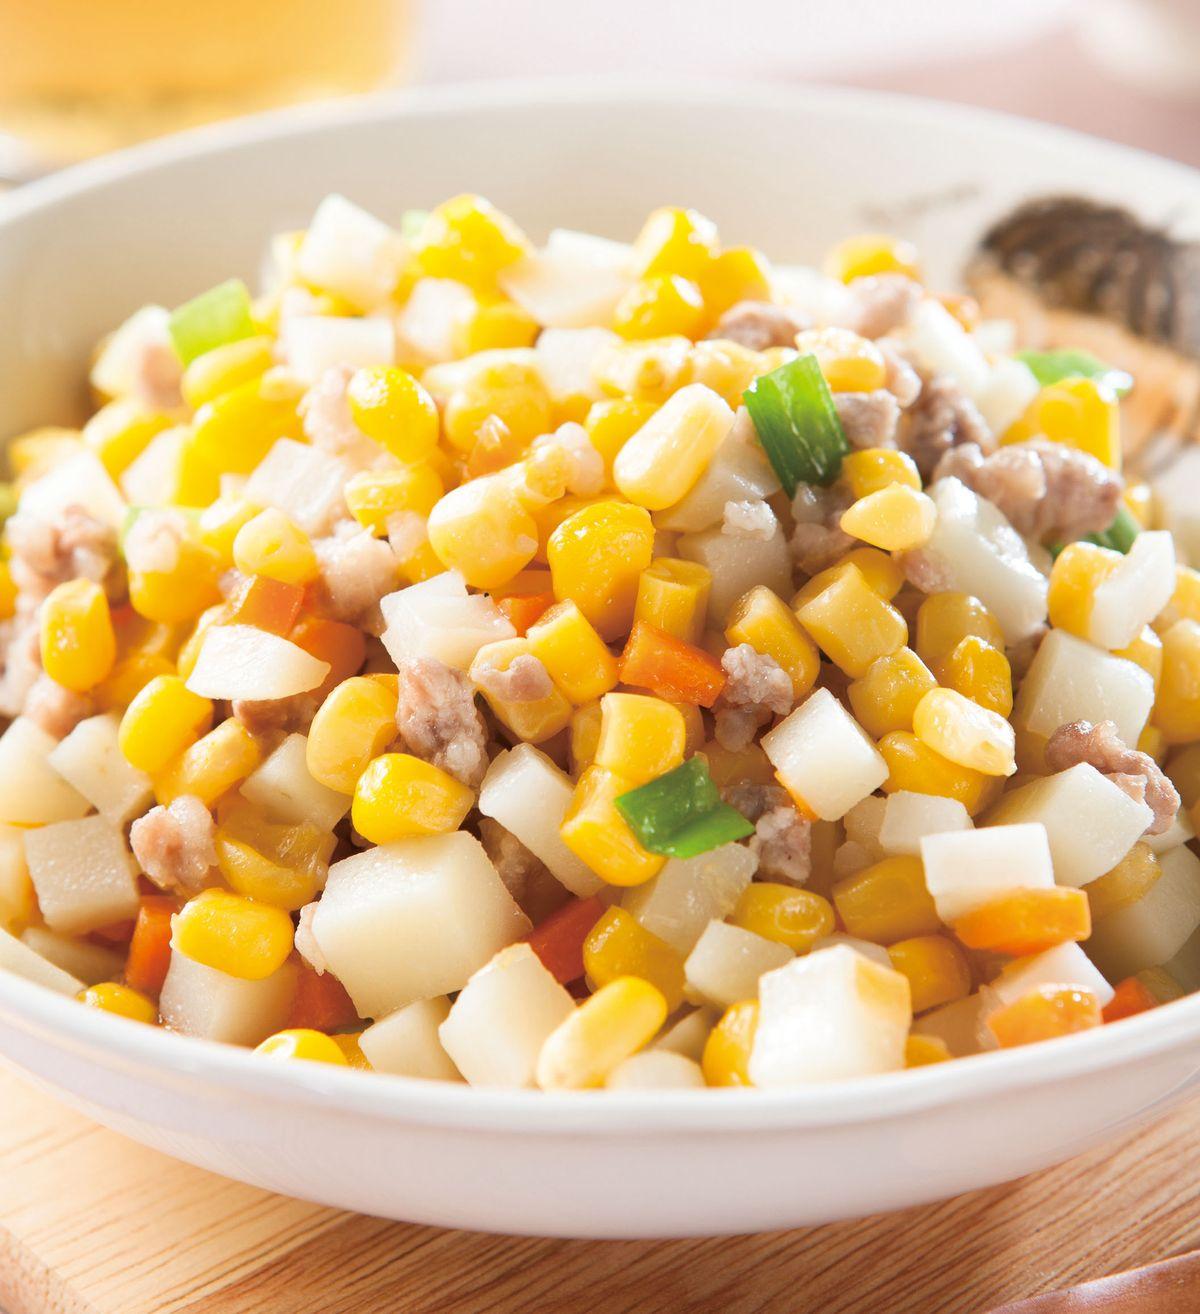 食譜:洋芋炒玉米粒